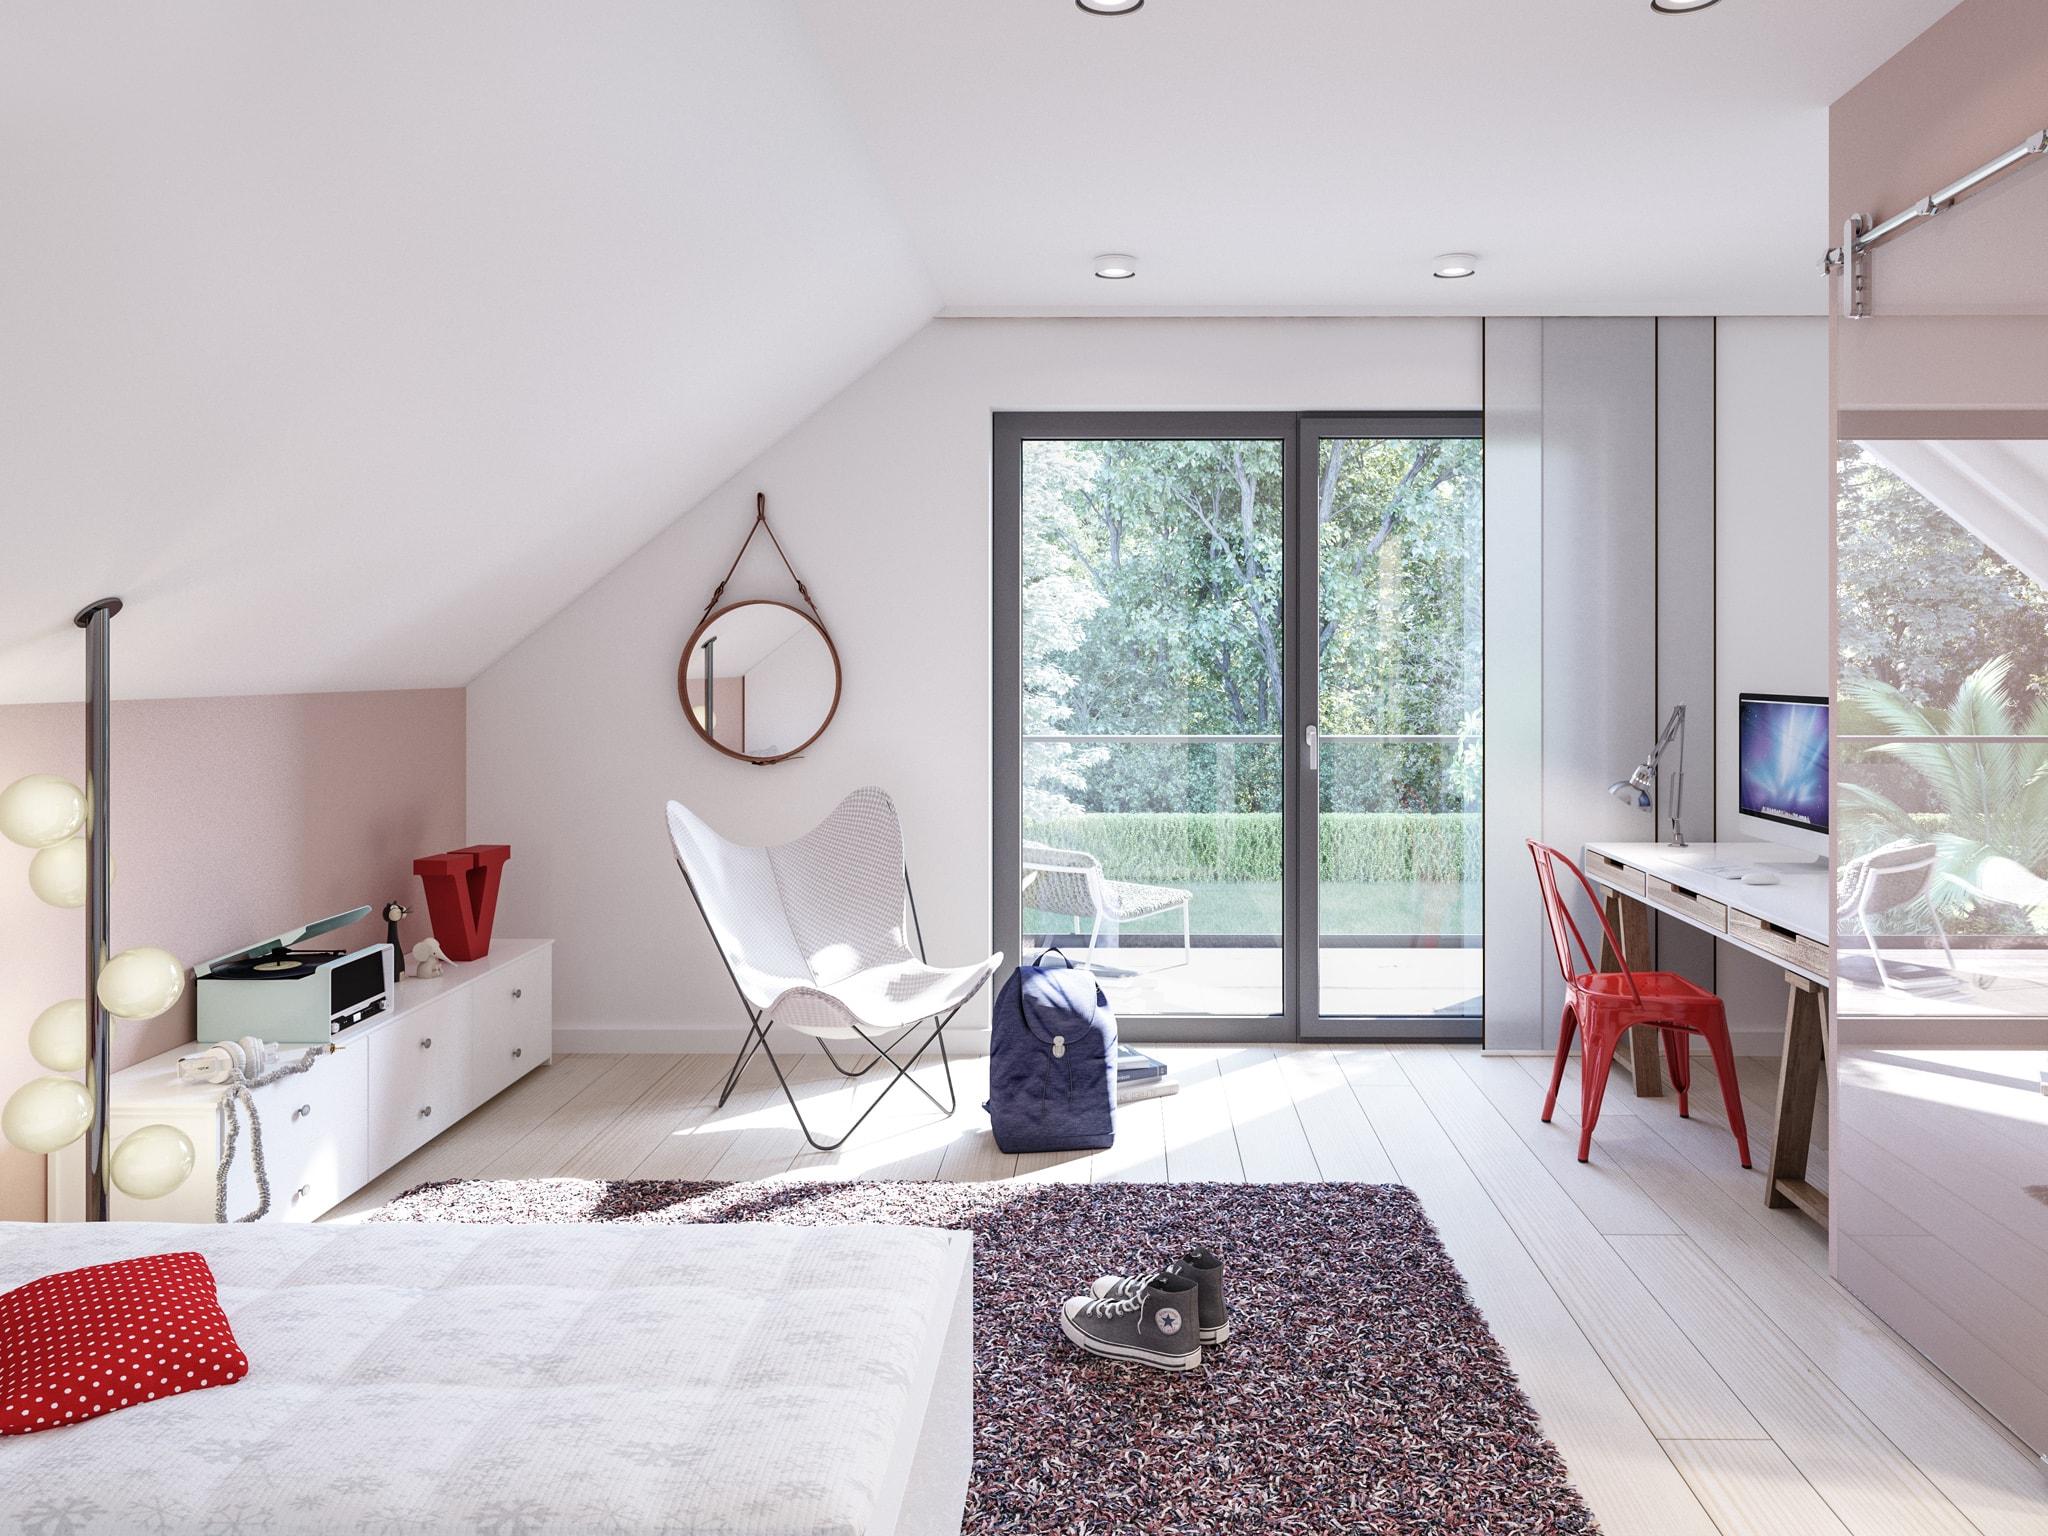 Kinderzimmer mit Dachschräge - Ideen Einfamilienhaus Inneneinrichtung Bien Zenker Fertighaus FANTASTIC 165 V2 - HausbauDirekt.de